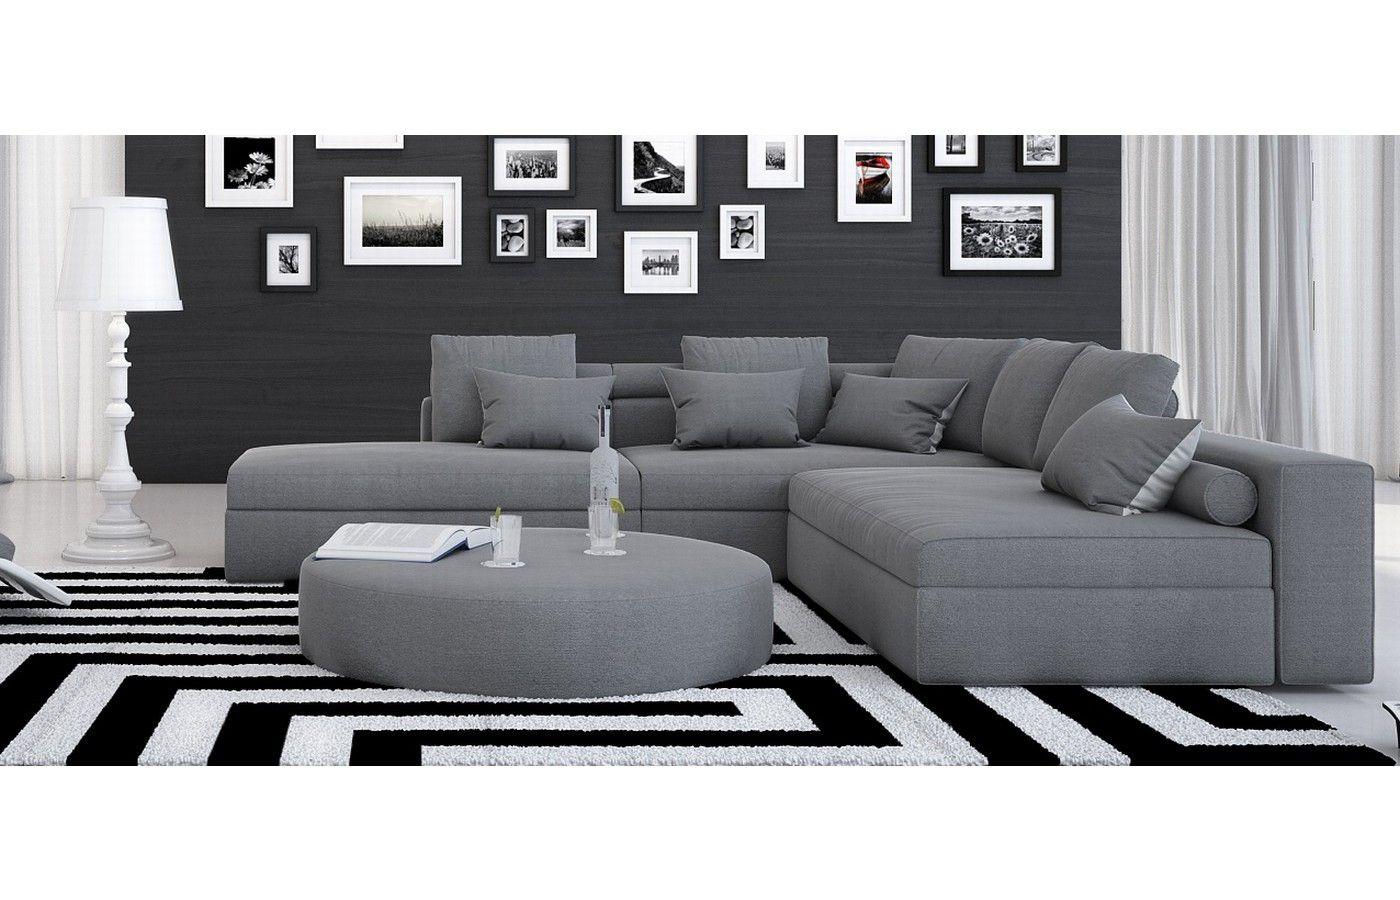 Ecksofa grau  Stoffsofa ARI Ecksofa in grau | möbel | furniture | Pinterest ...